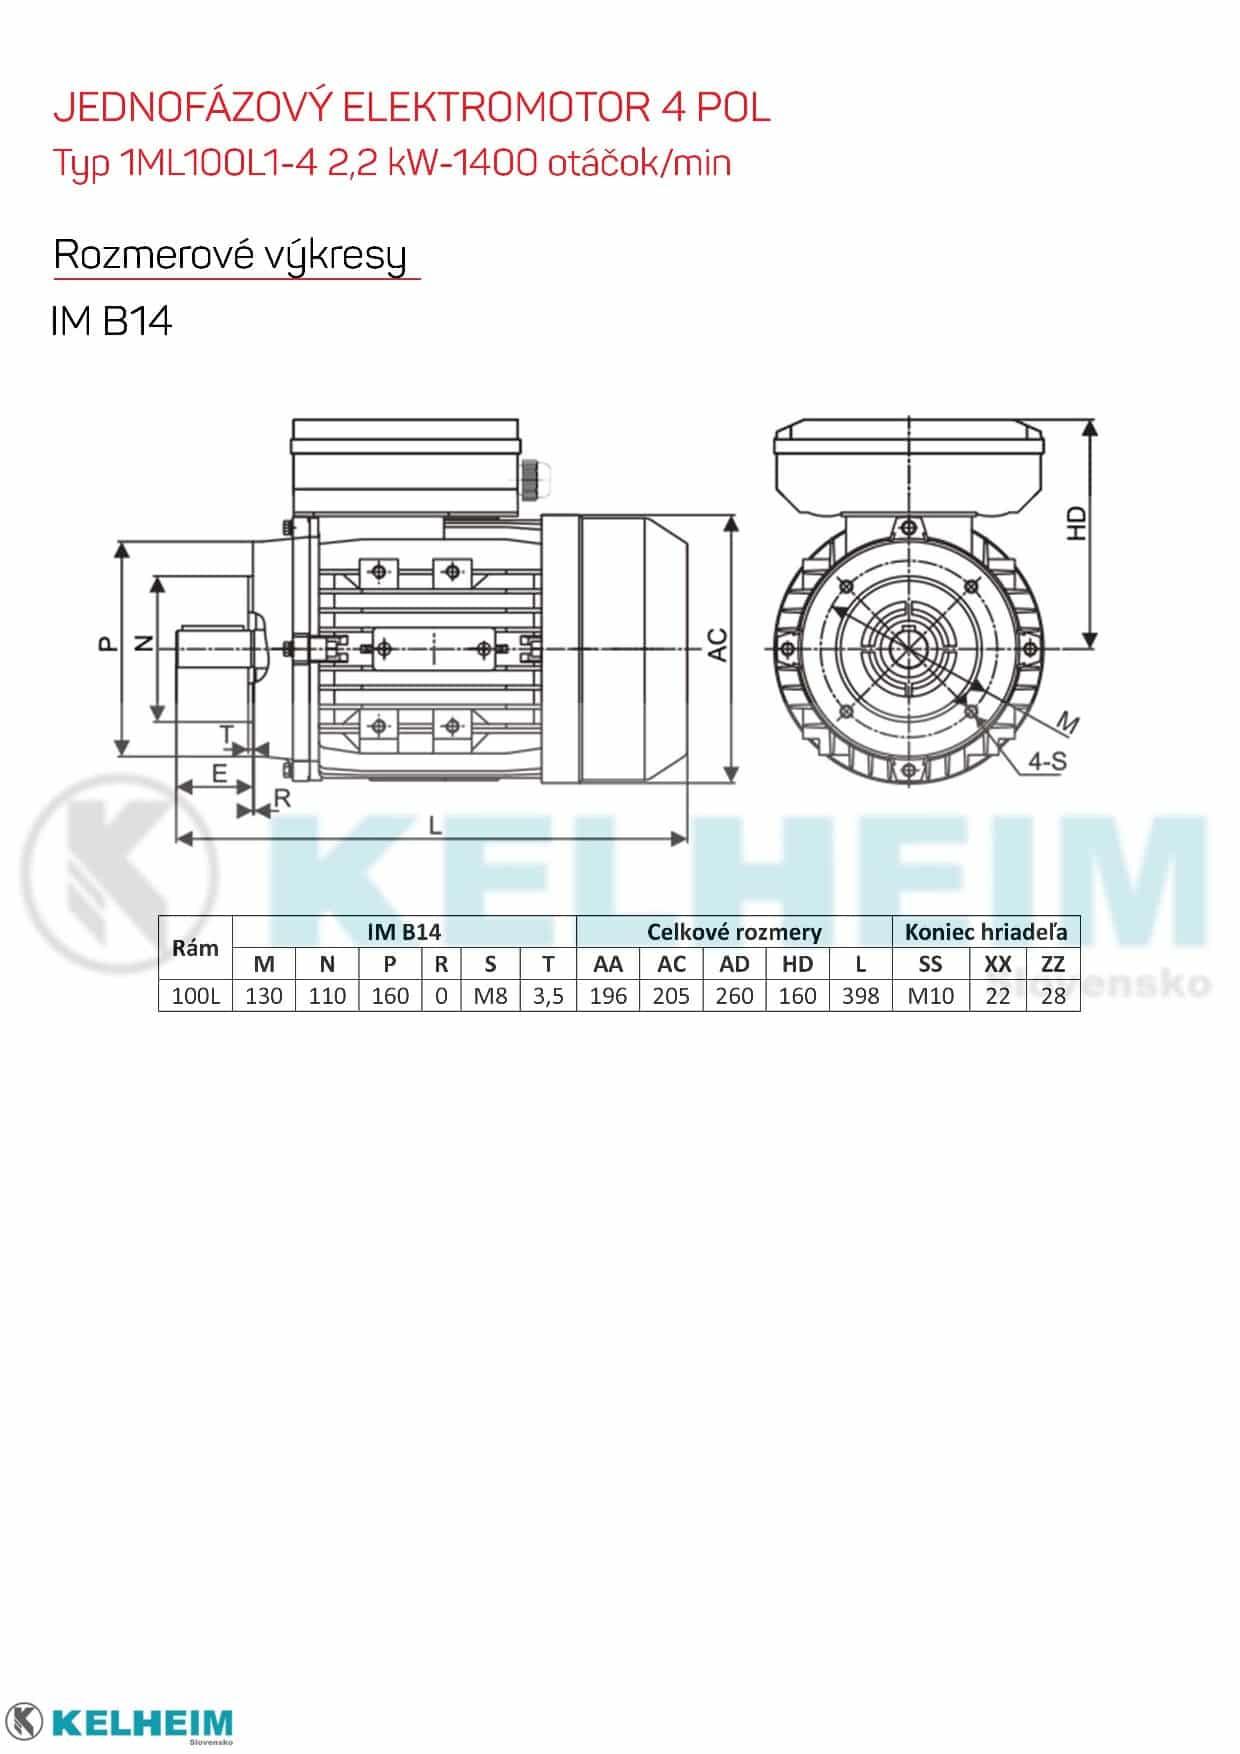 rozmerový výkres - jednofázový elektromotor 2,2kw ML100L1-4